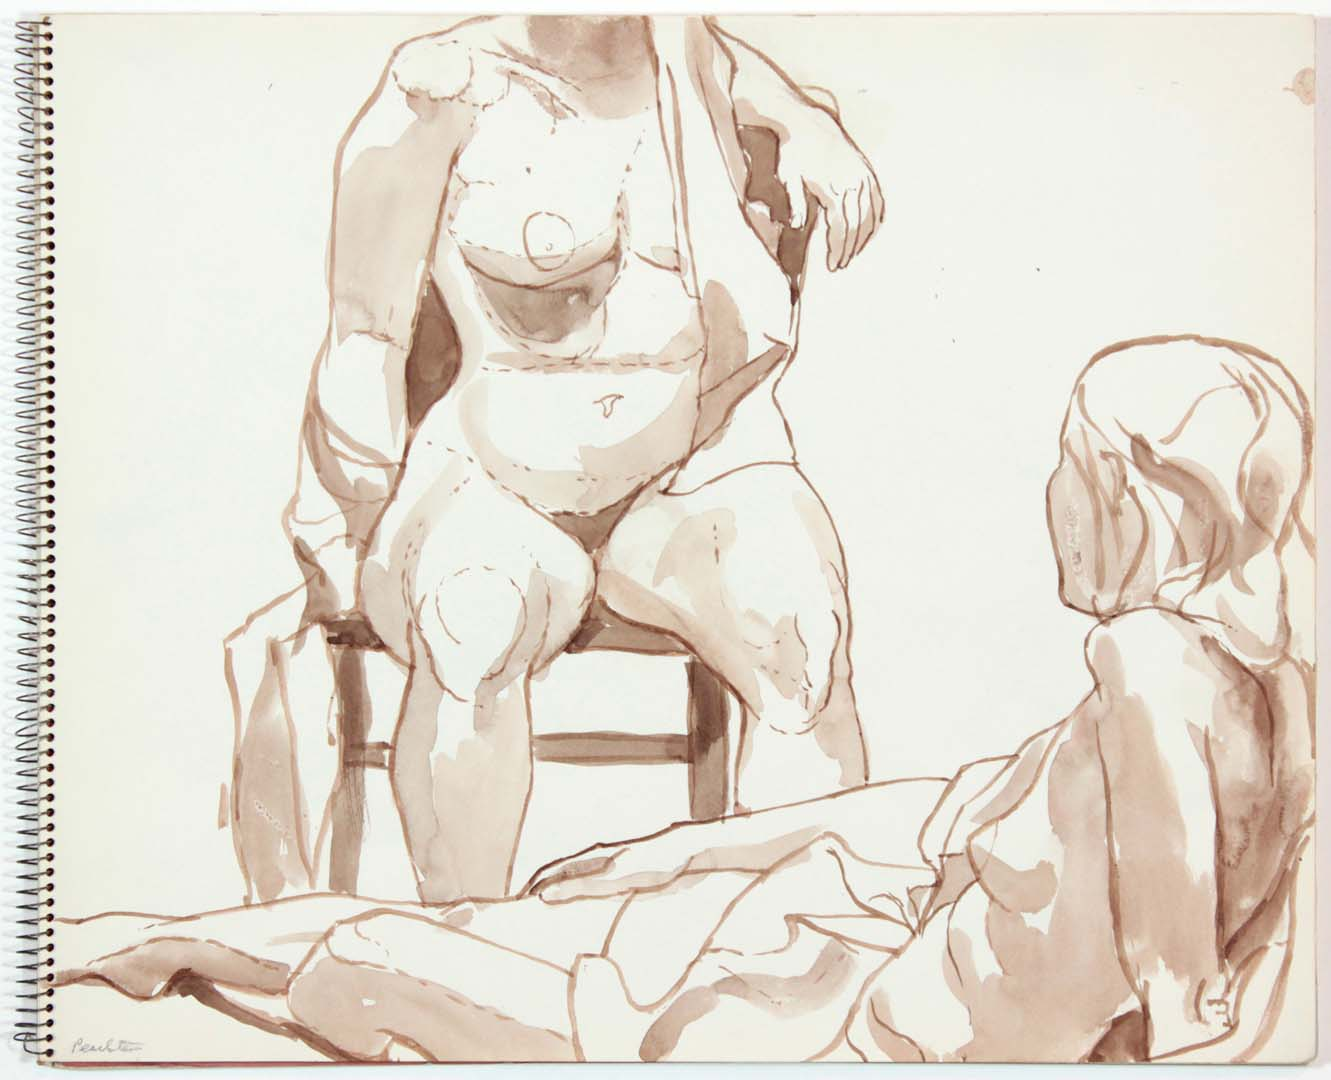 Untitled Wash 14 x 17